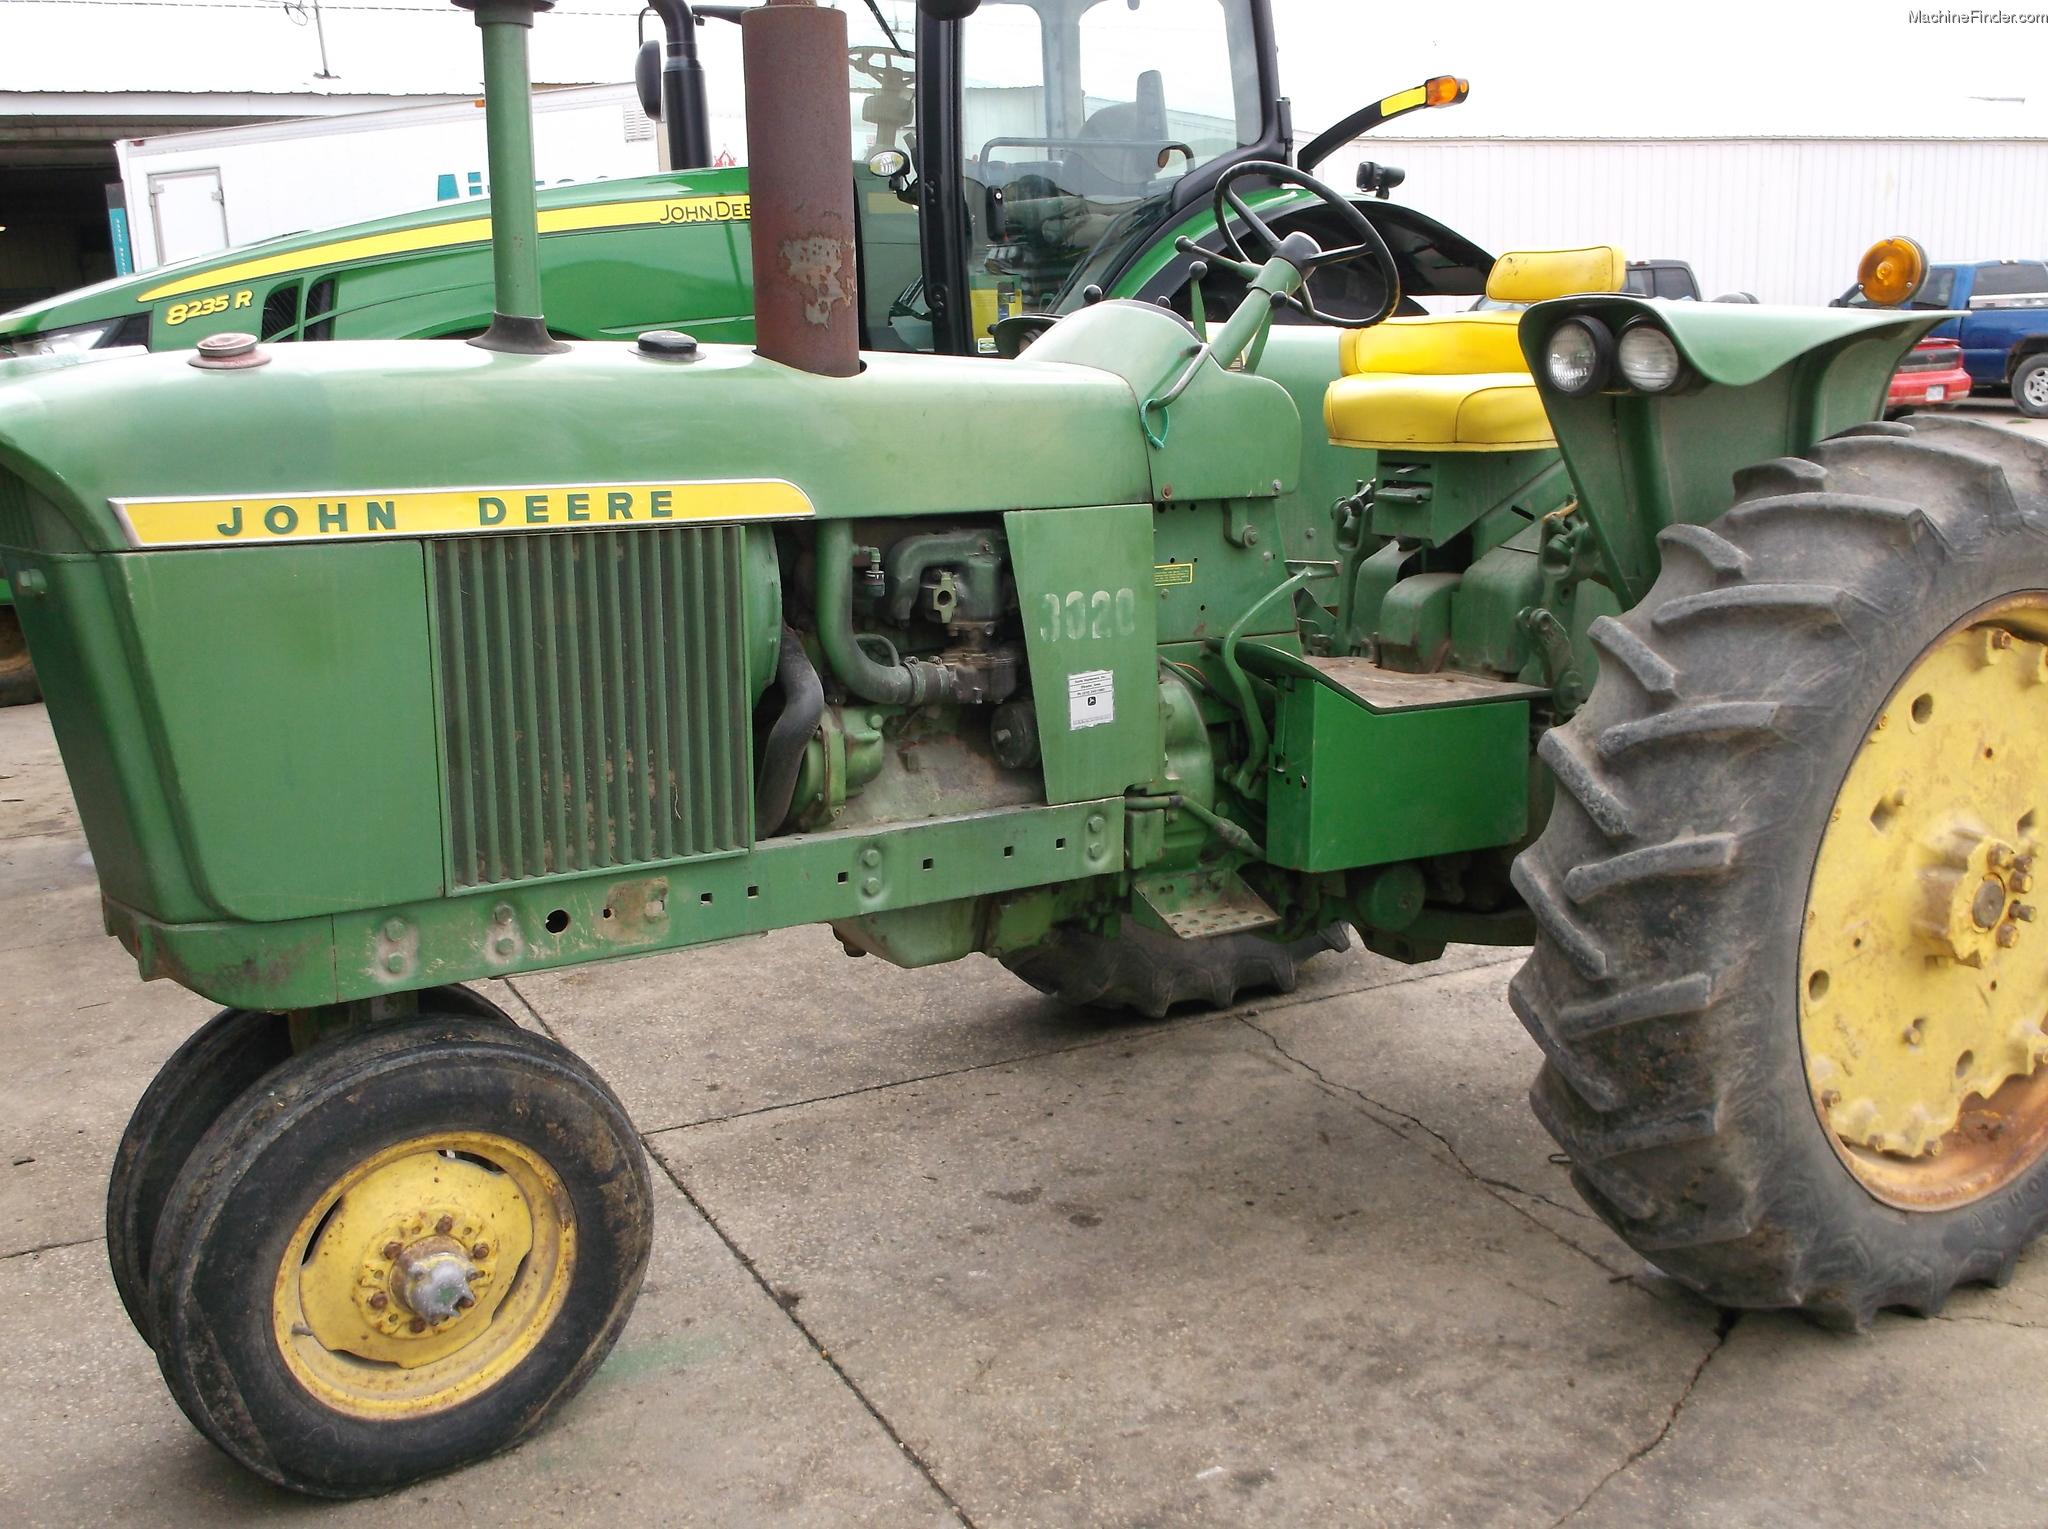 John Deere 3020 Tractors - Row Crop (+100hp) - John Deere ...